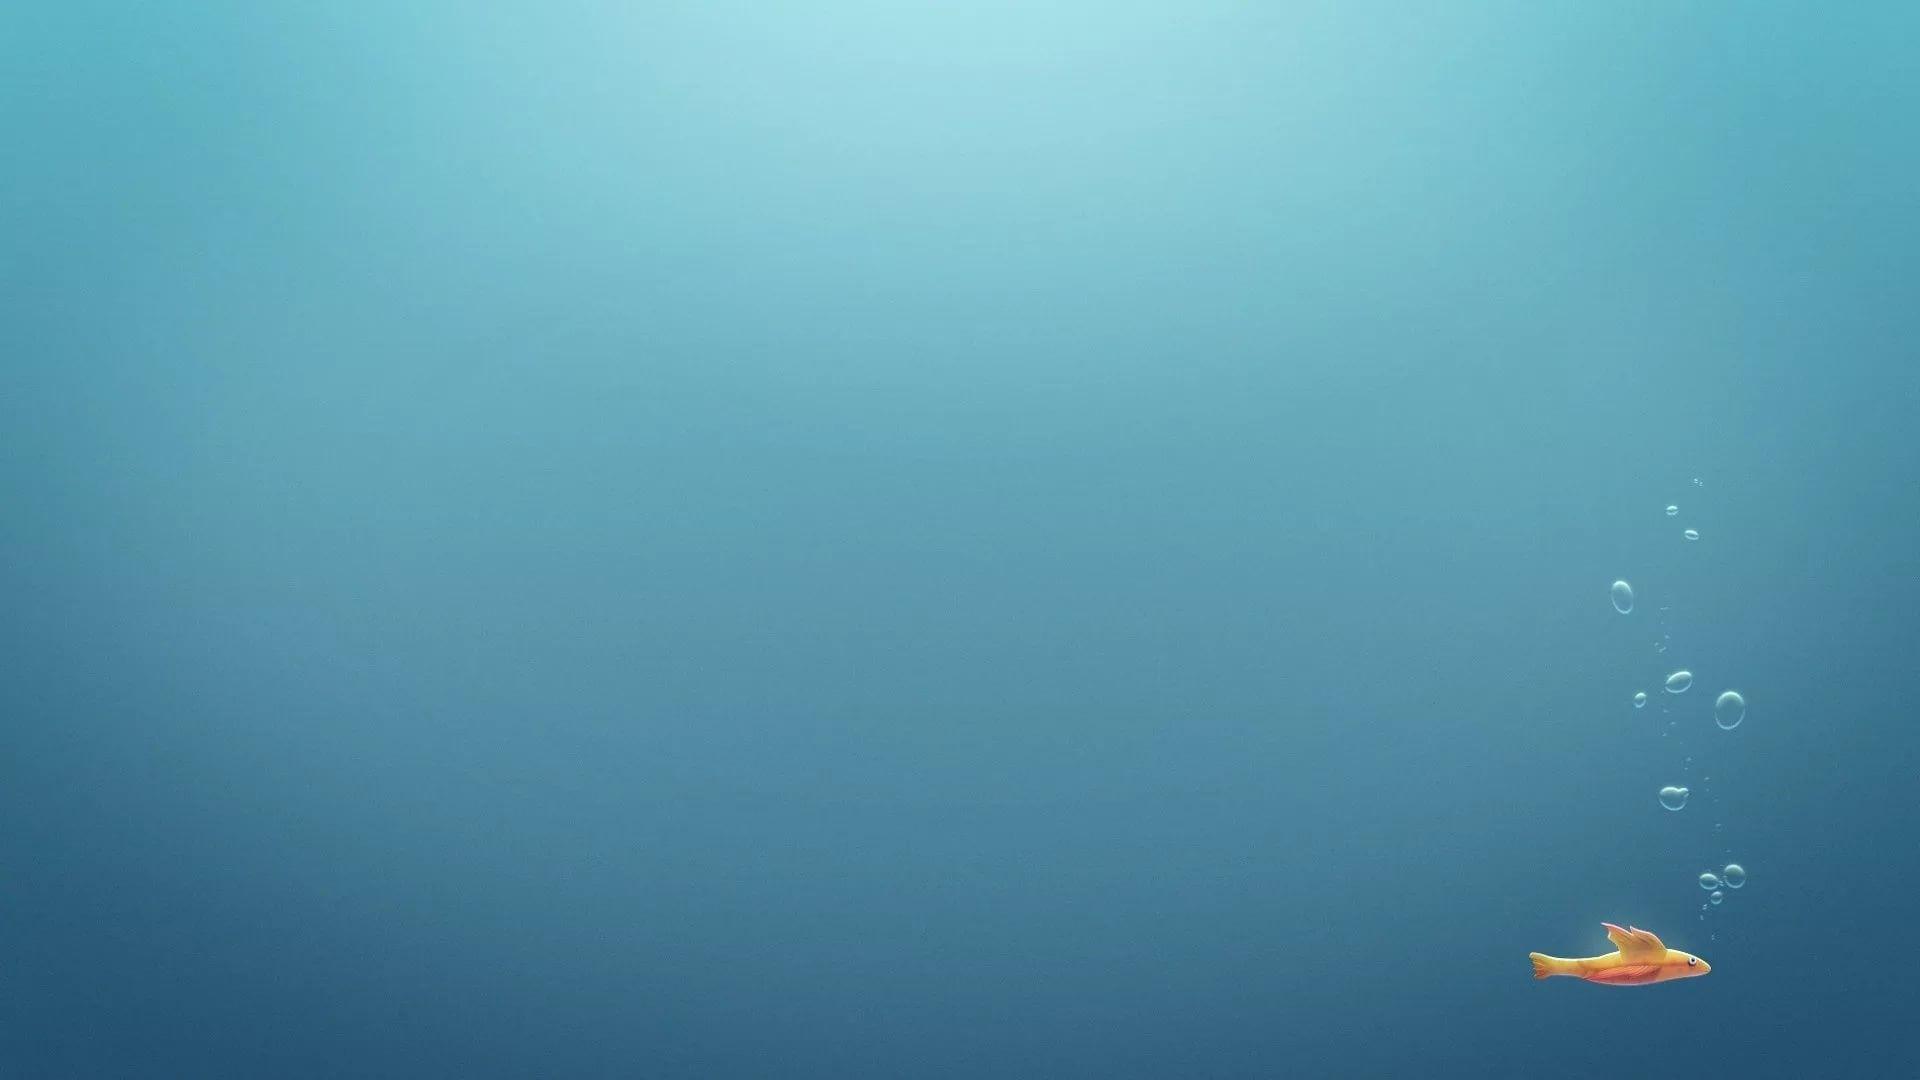 Water Minimalist Wallpaper